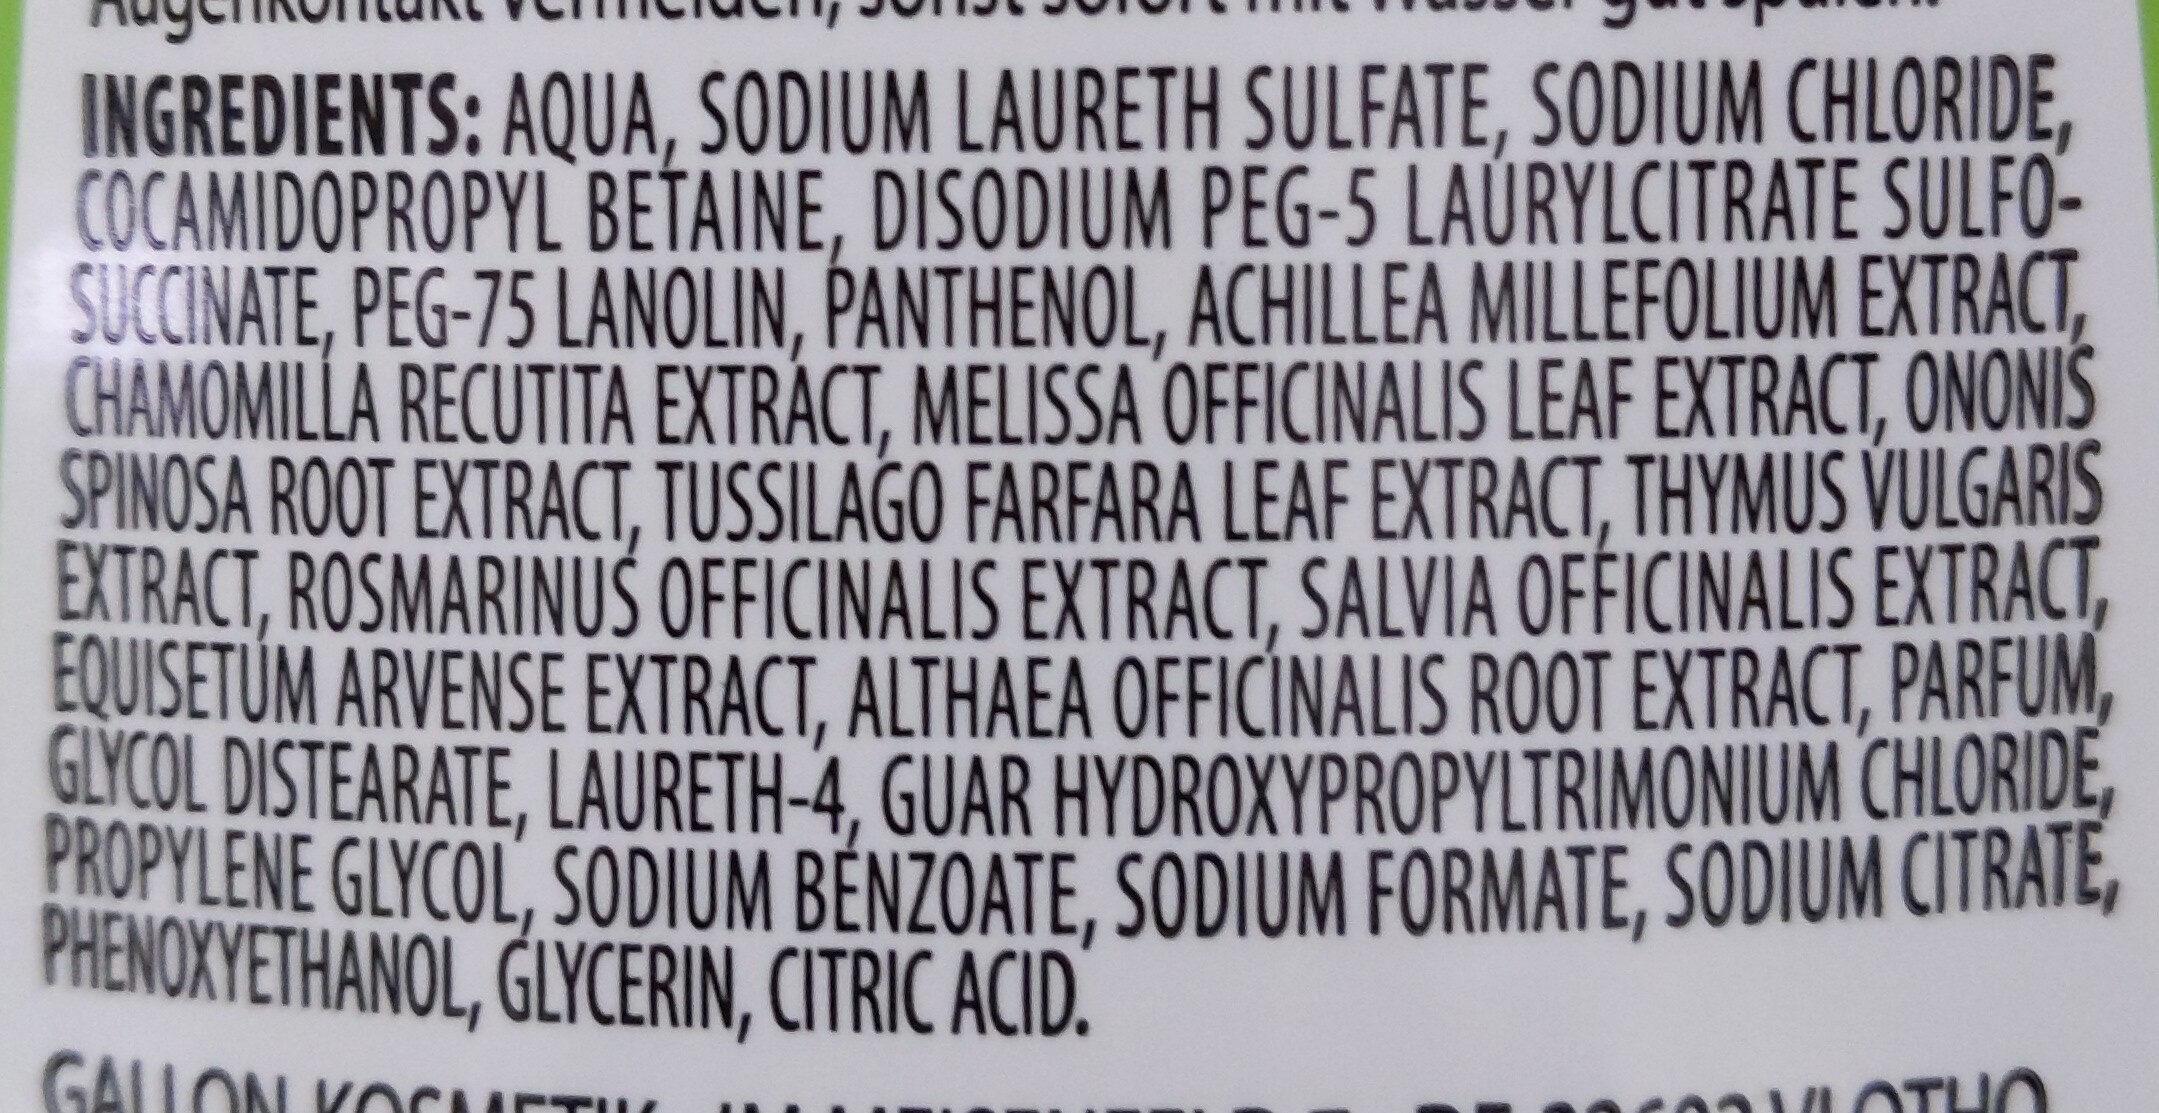 Kräuter Shampoo - Inhaltsstoffe - de